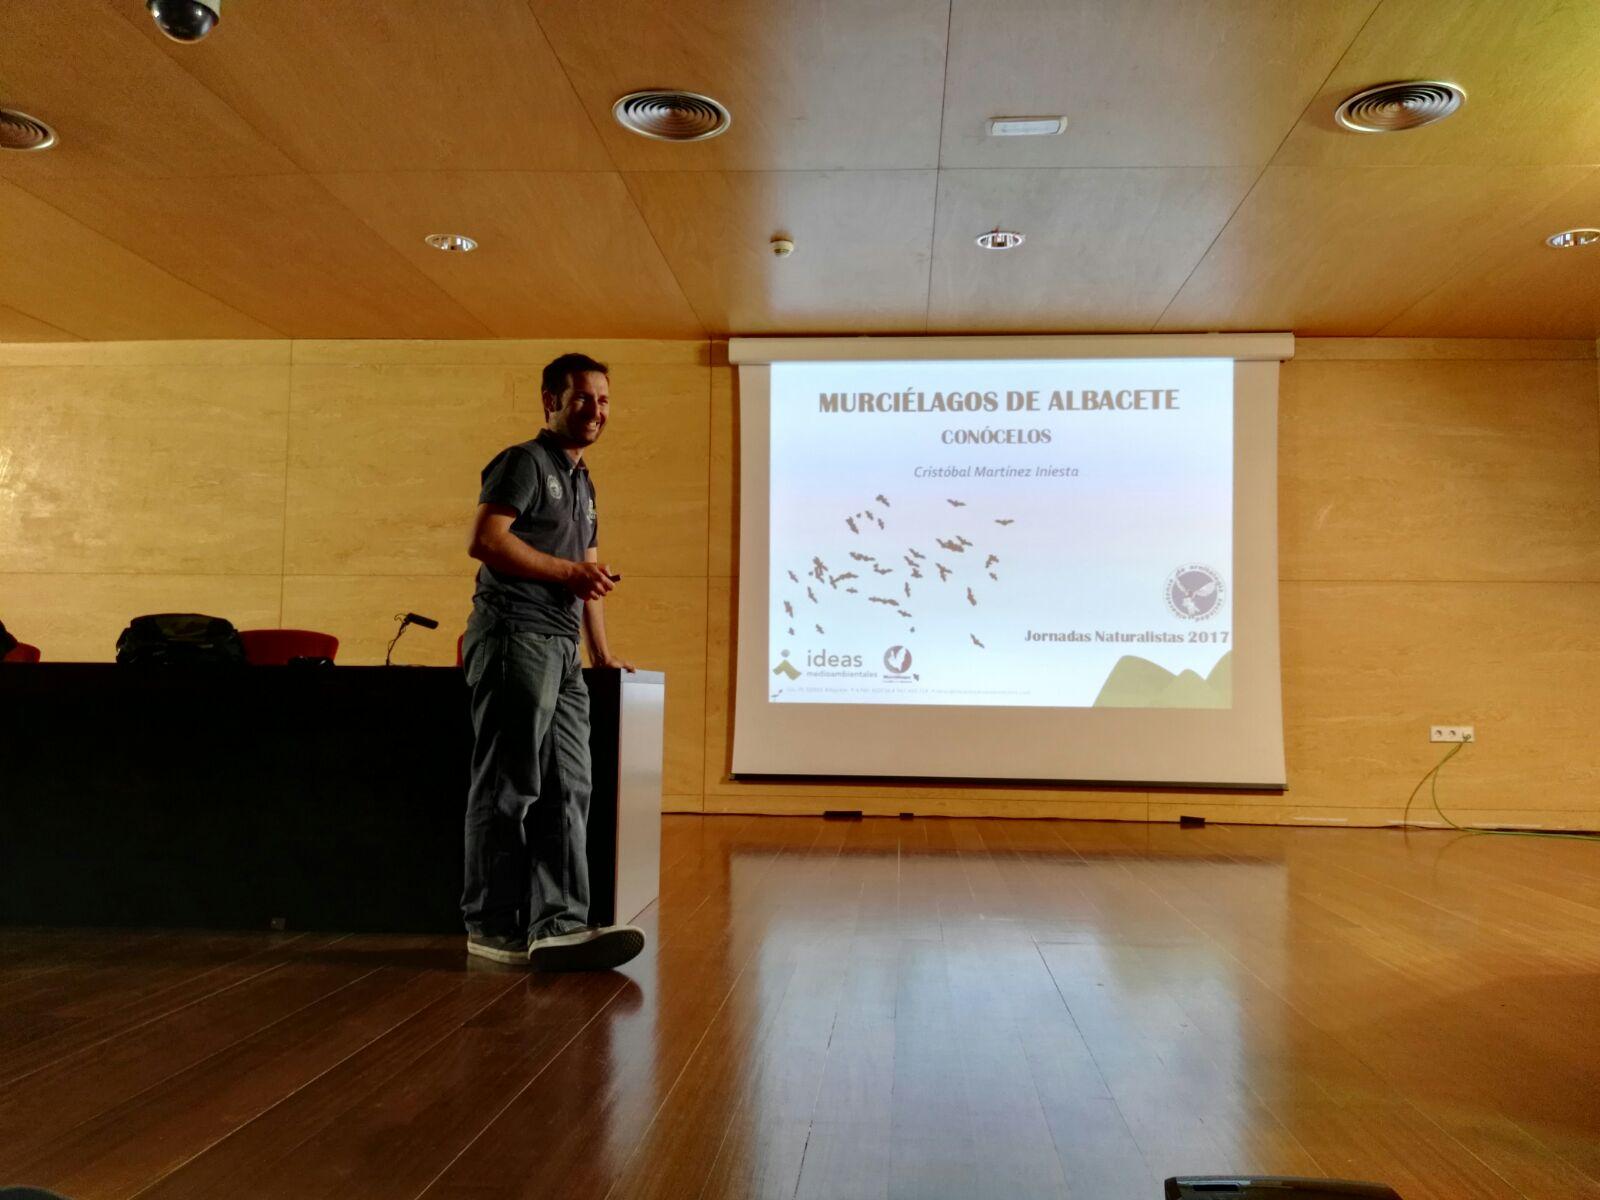 Murcielagos de Albacete